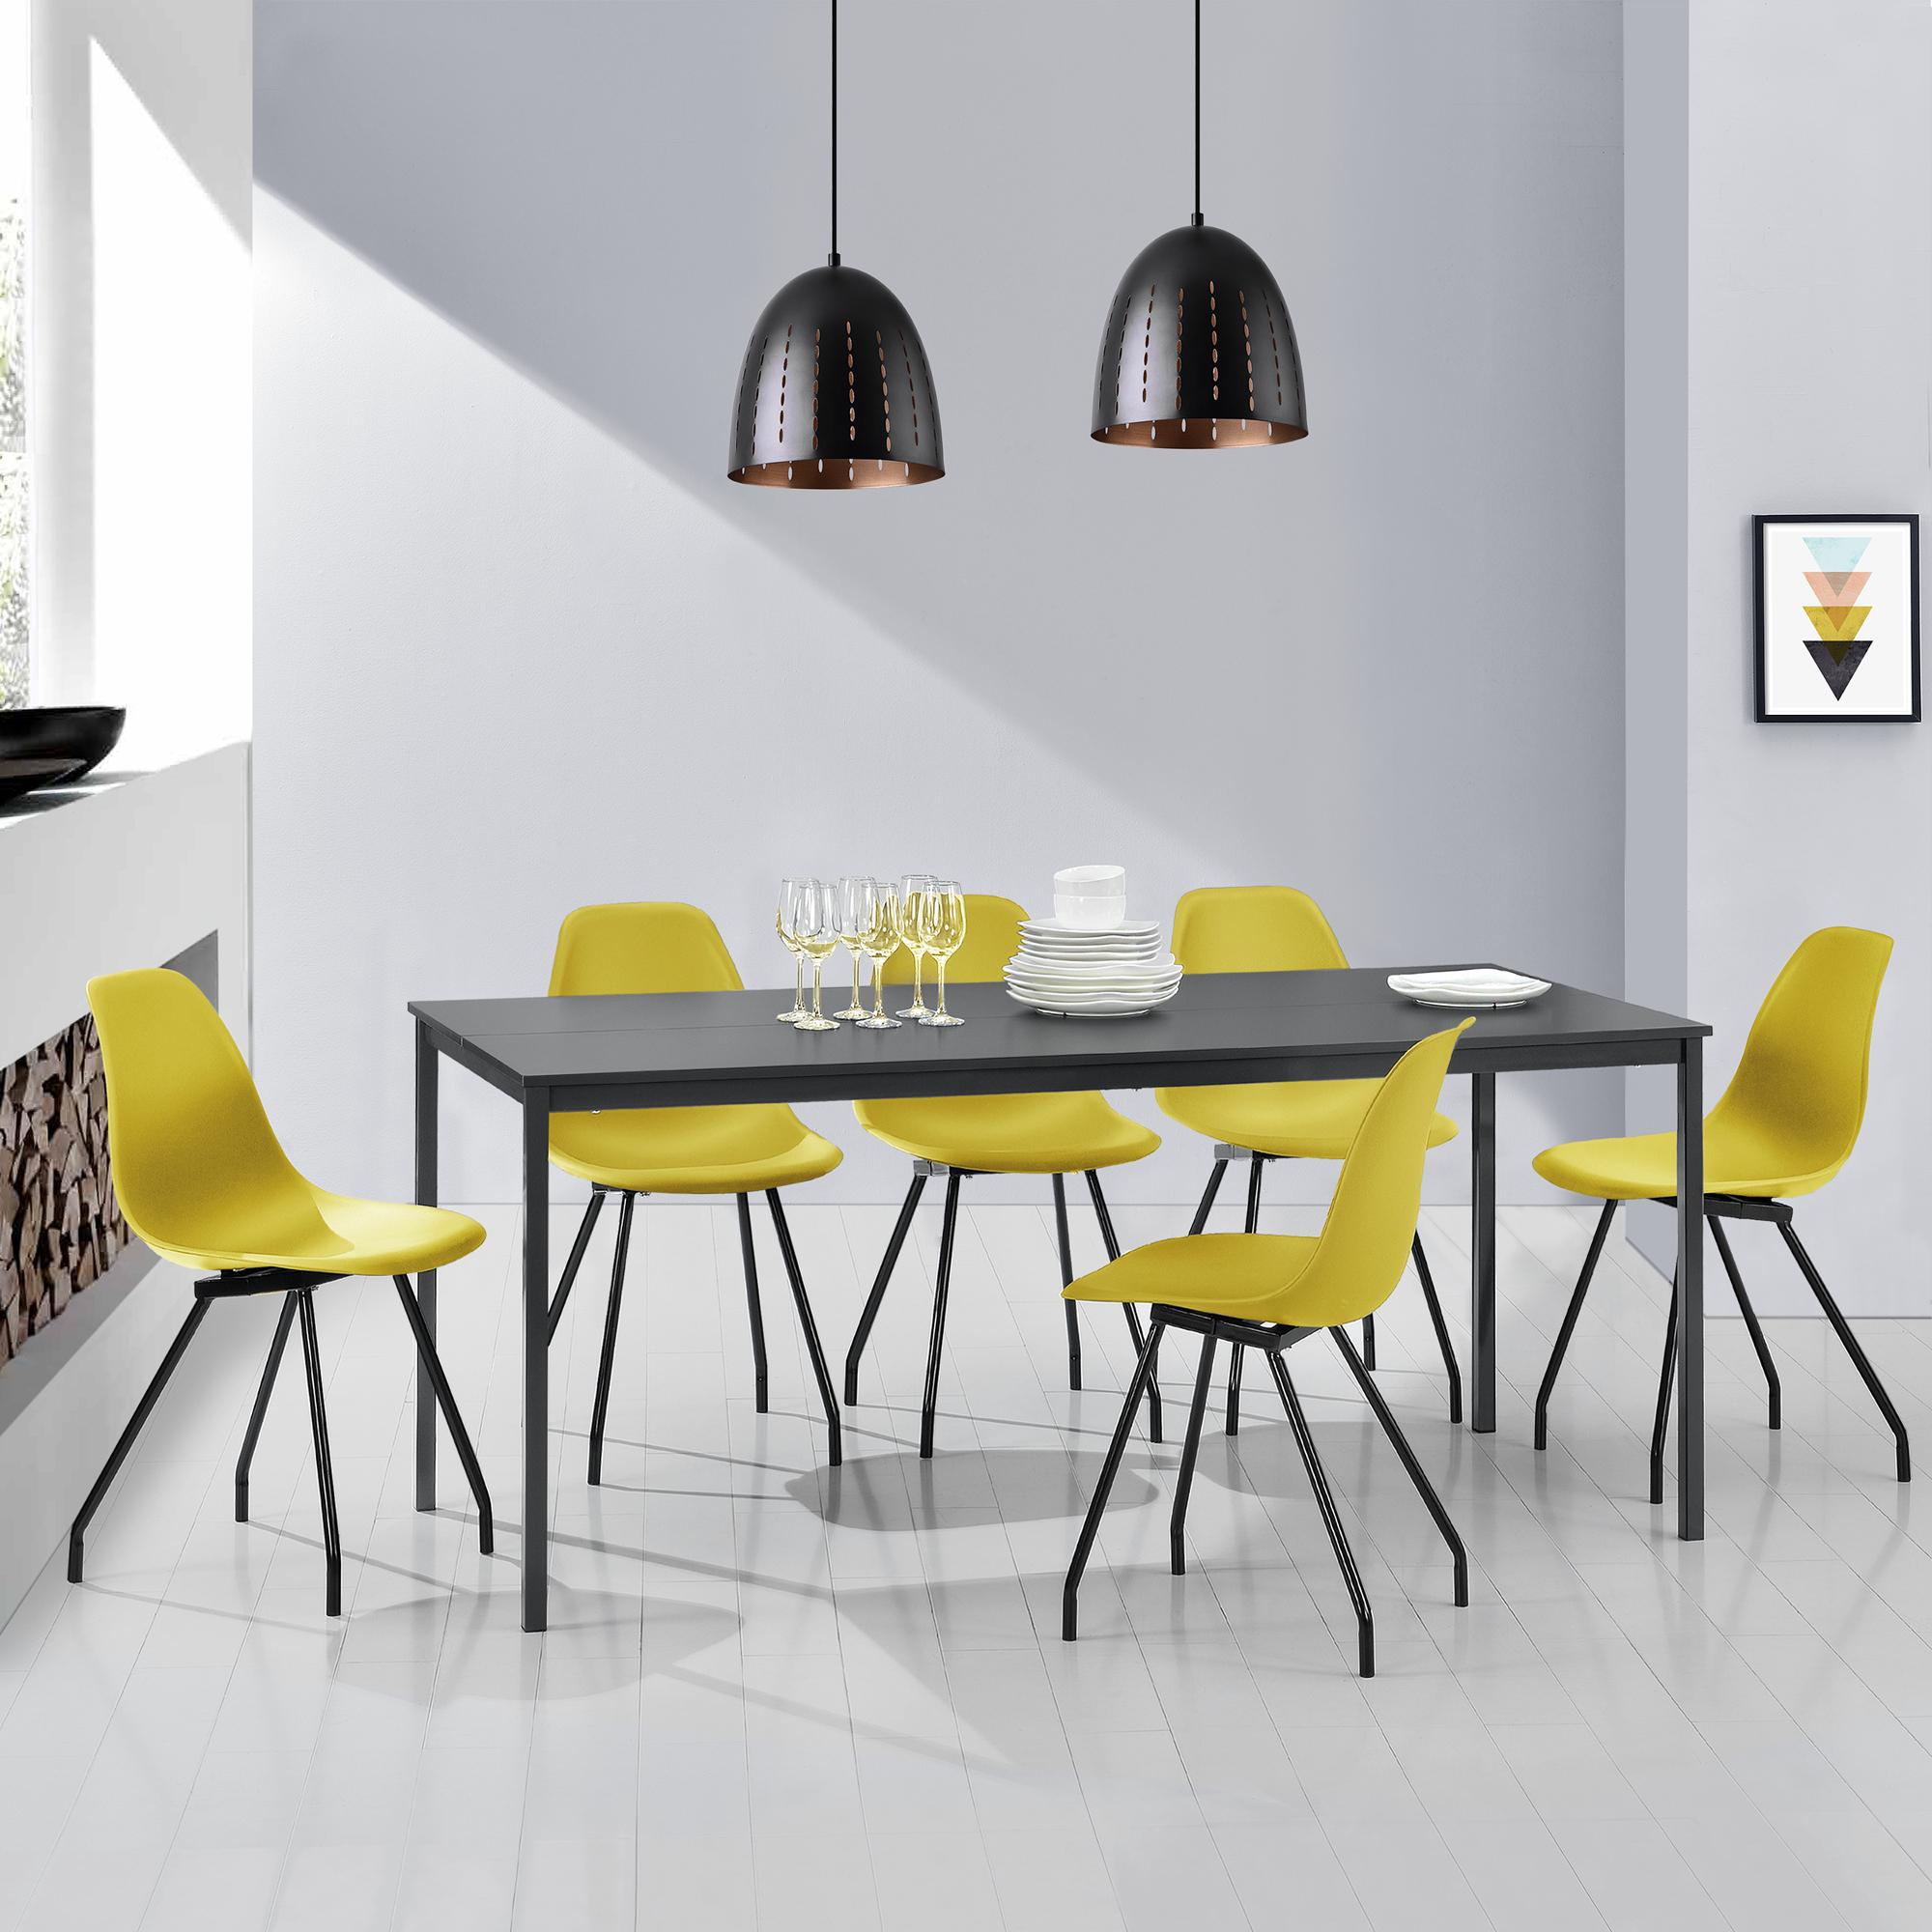 esstisch mit 6 st hlen grau senffarben 180x80cm k chentisch esszimmer ebay. Black Bedroom Furniture Sets. Home Design Ideas